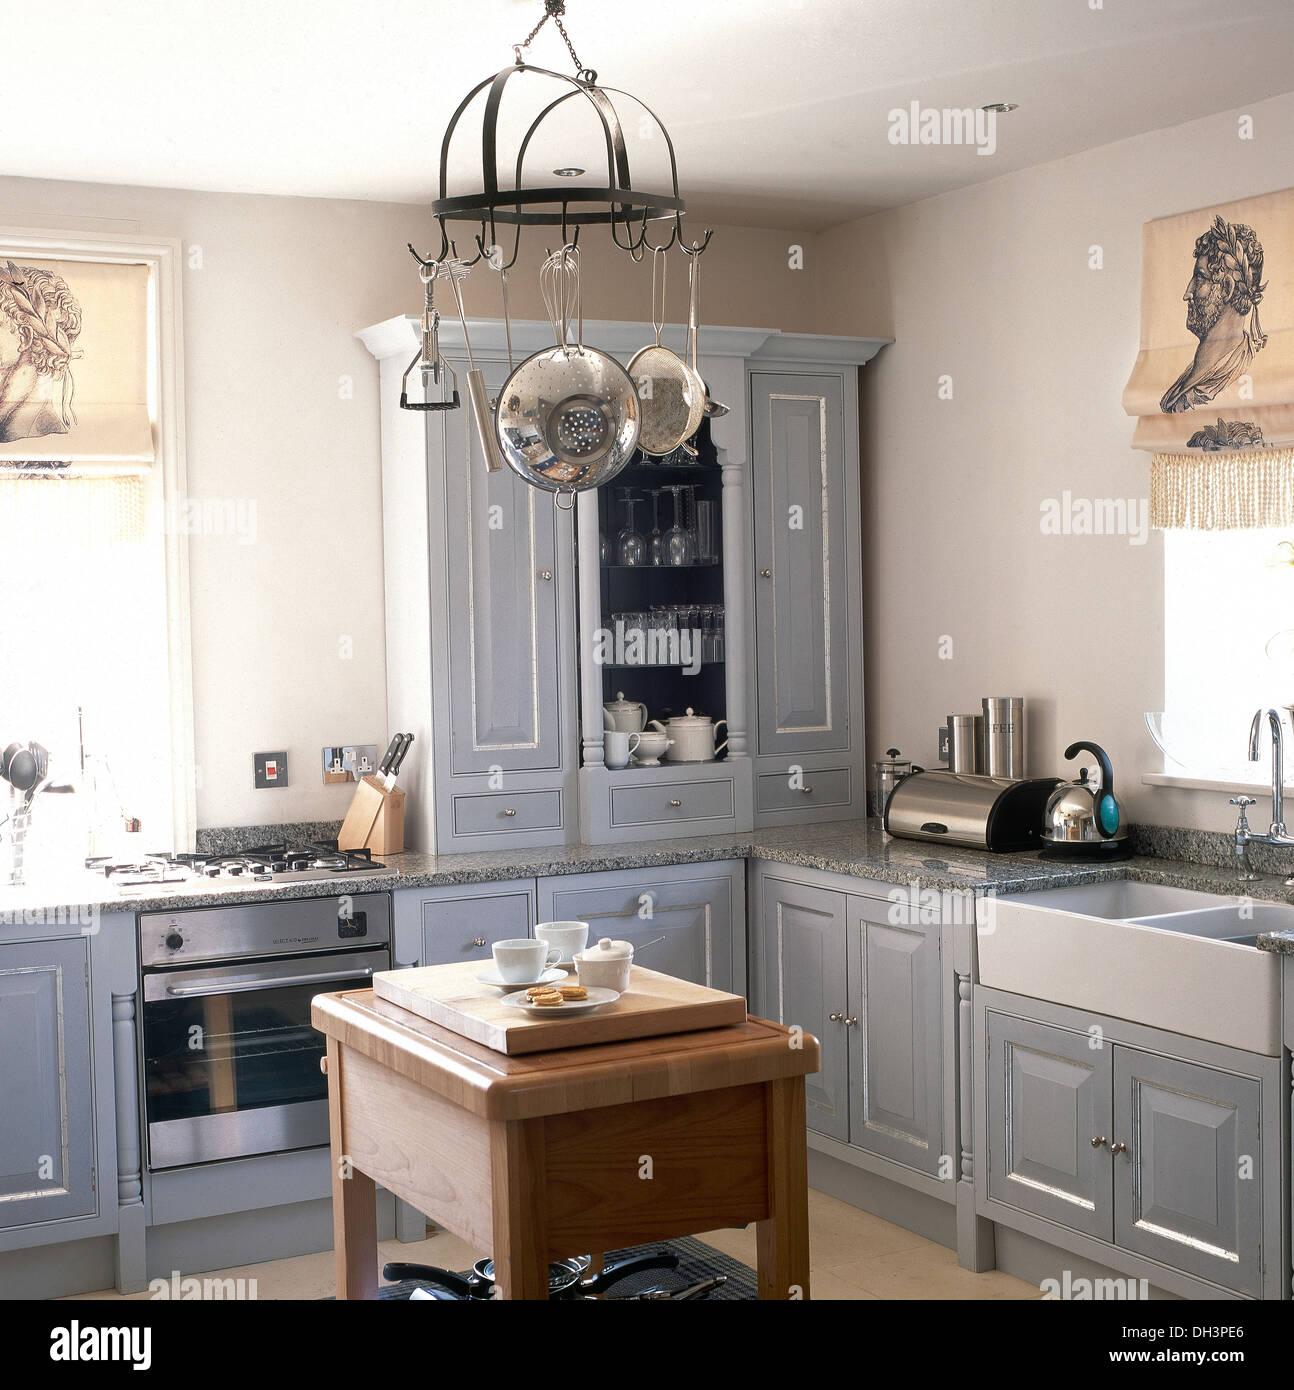 Excepcional Armario De La Cocina Pintores Belfast Colección de ...